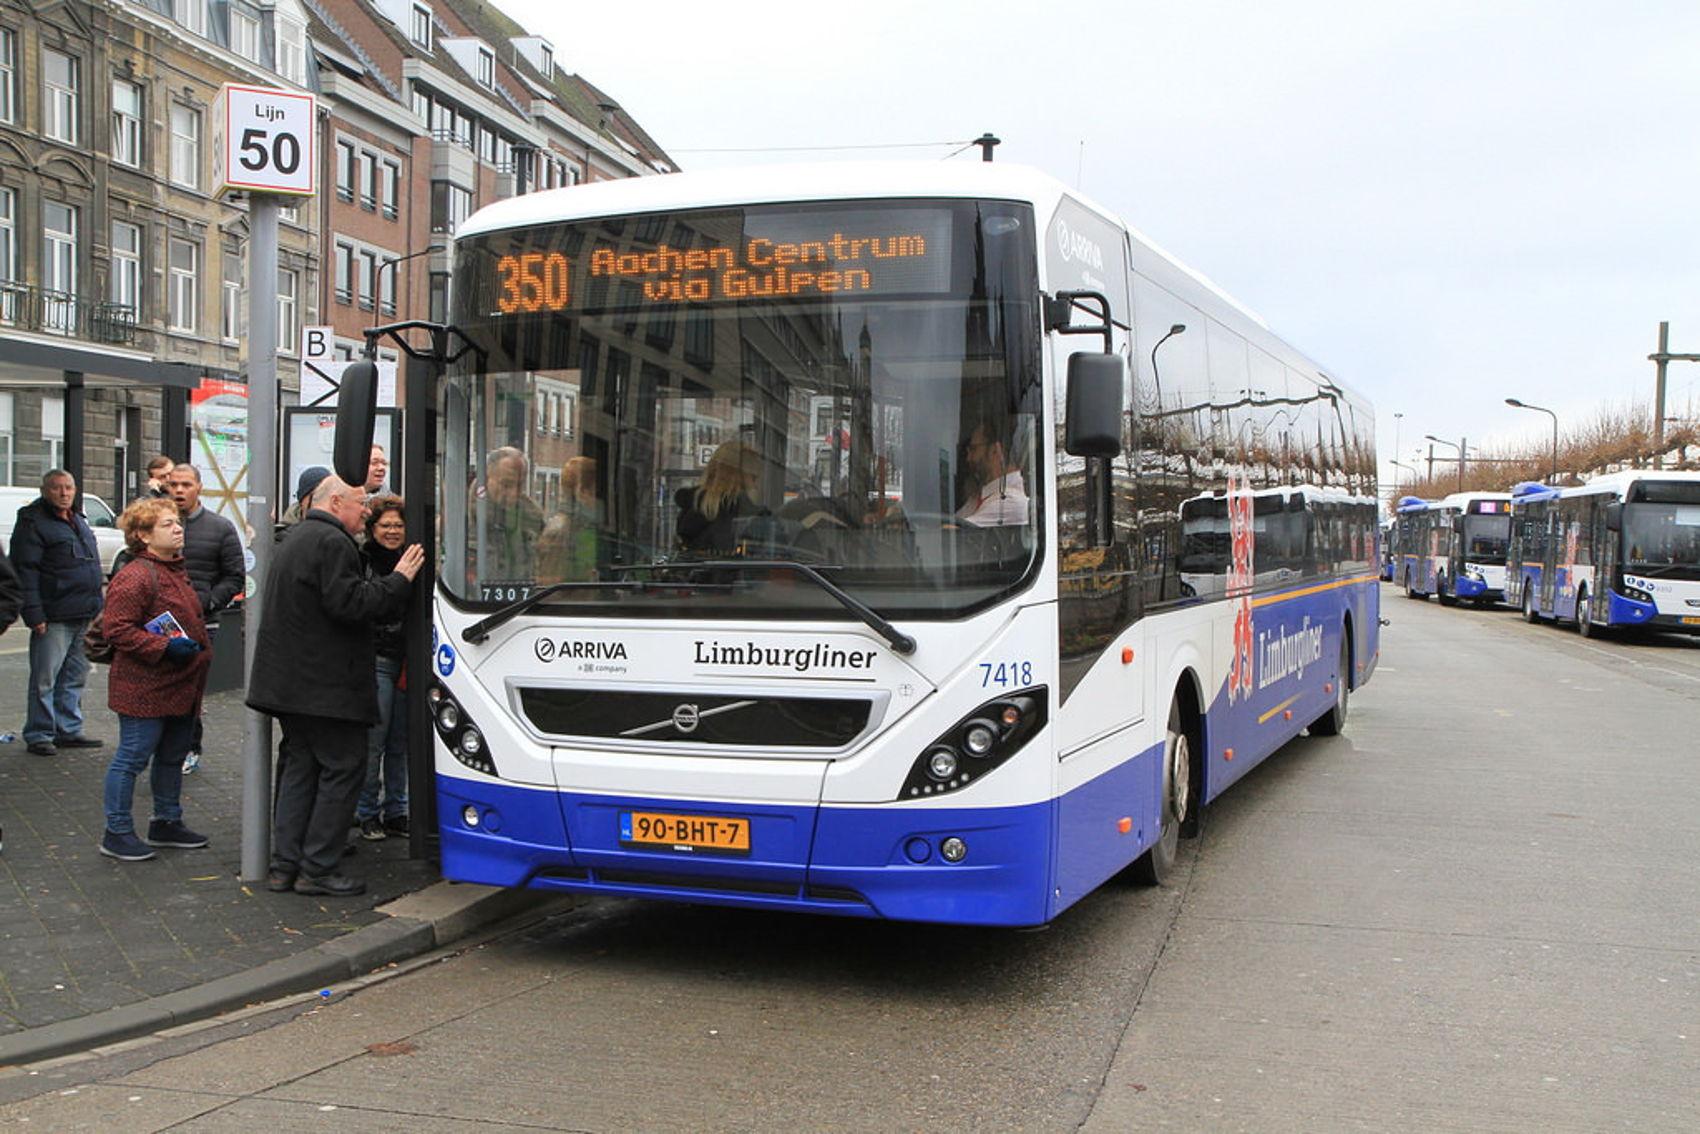 Grenzeloos reizen in Euregio Aachen en Zuid-Limburg